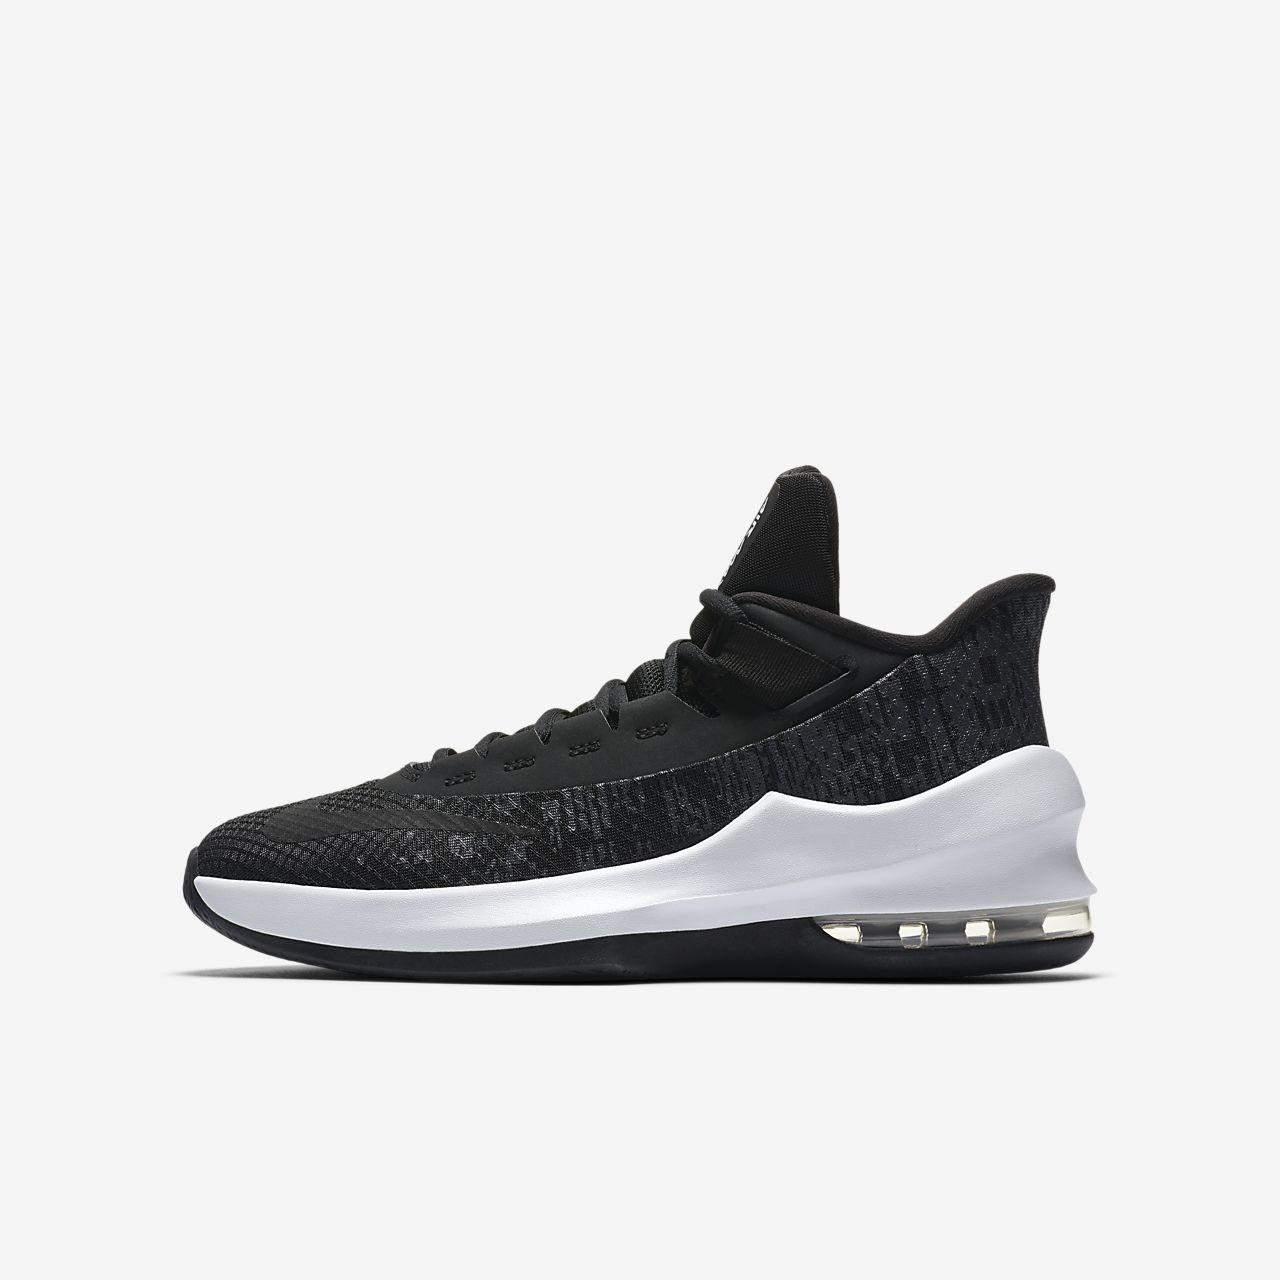 675a0002 ... Баскетбольные кроссовки для дошкольников/школьников Nike Air Max  Infuriate II Mid